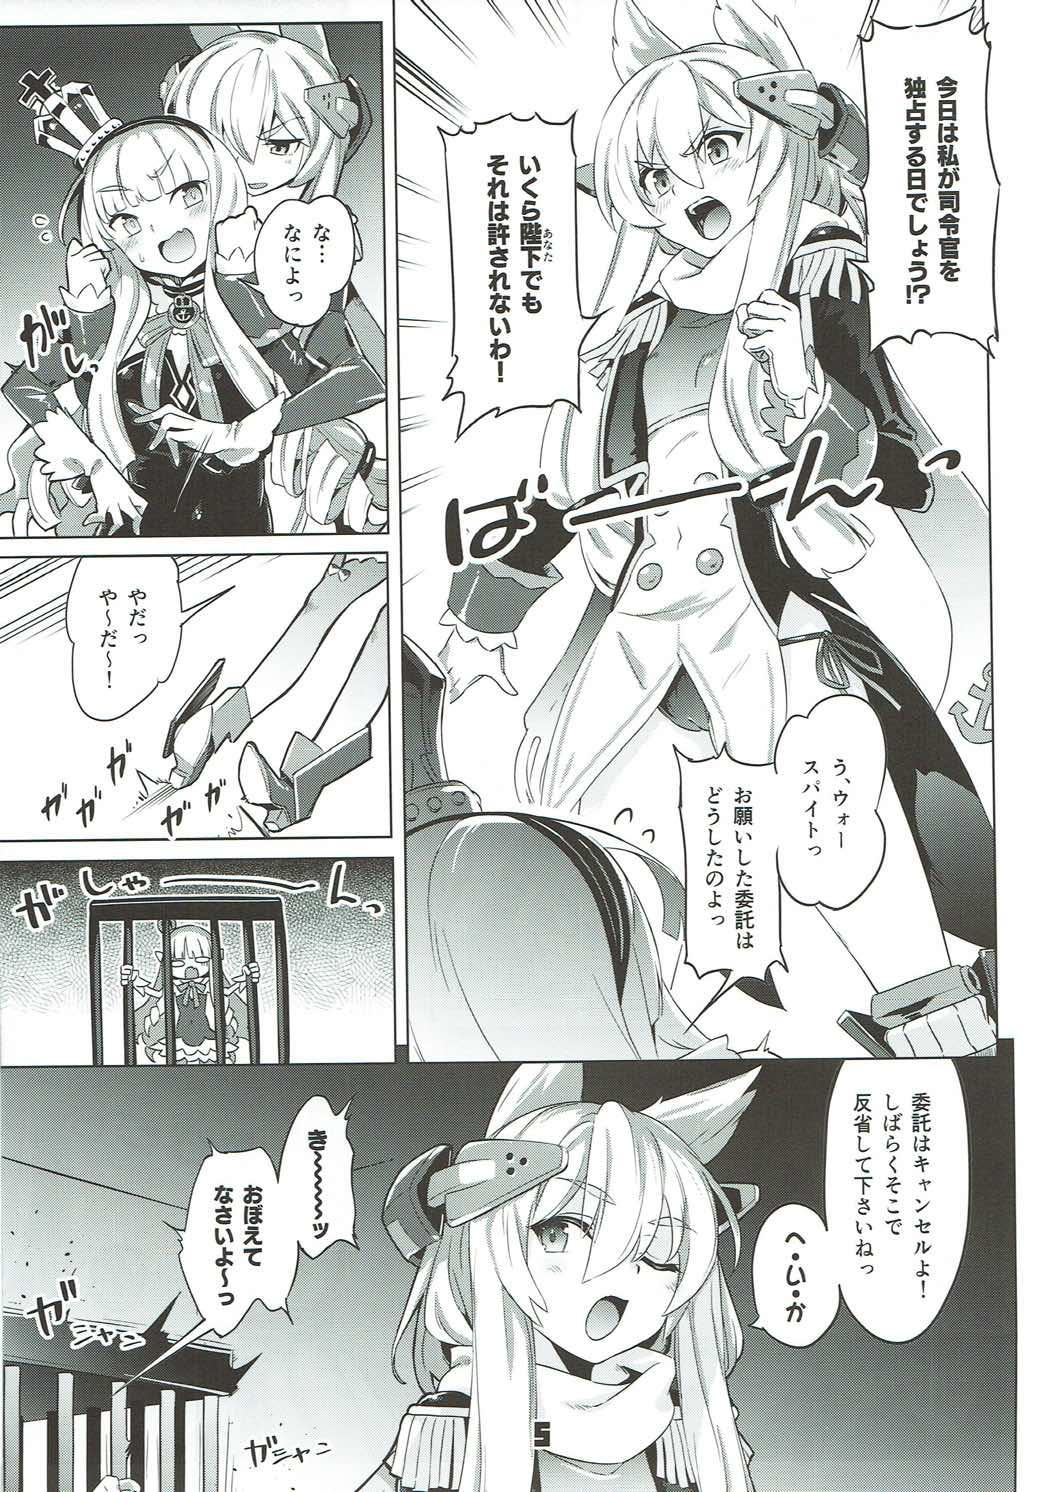 Kinpatsu Manaita no Template 3